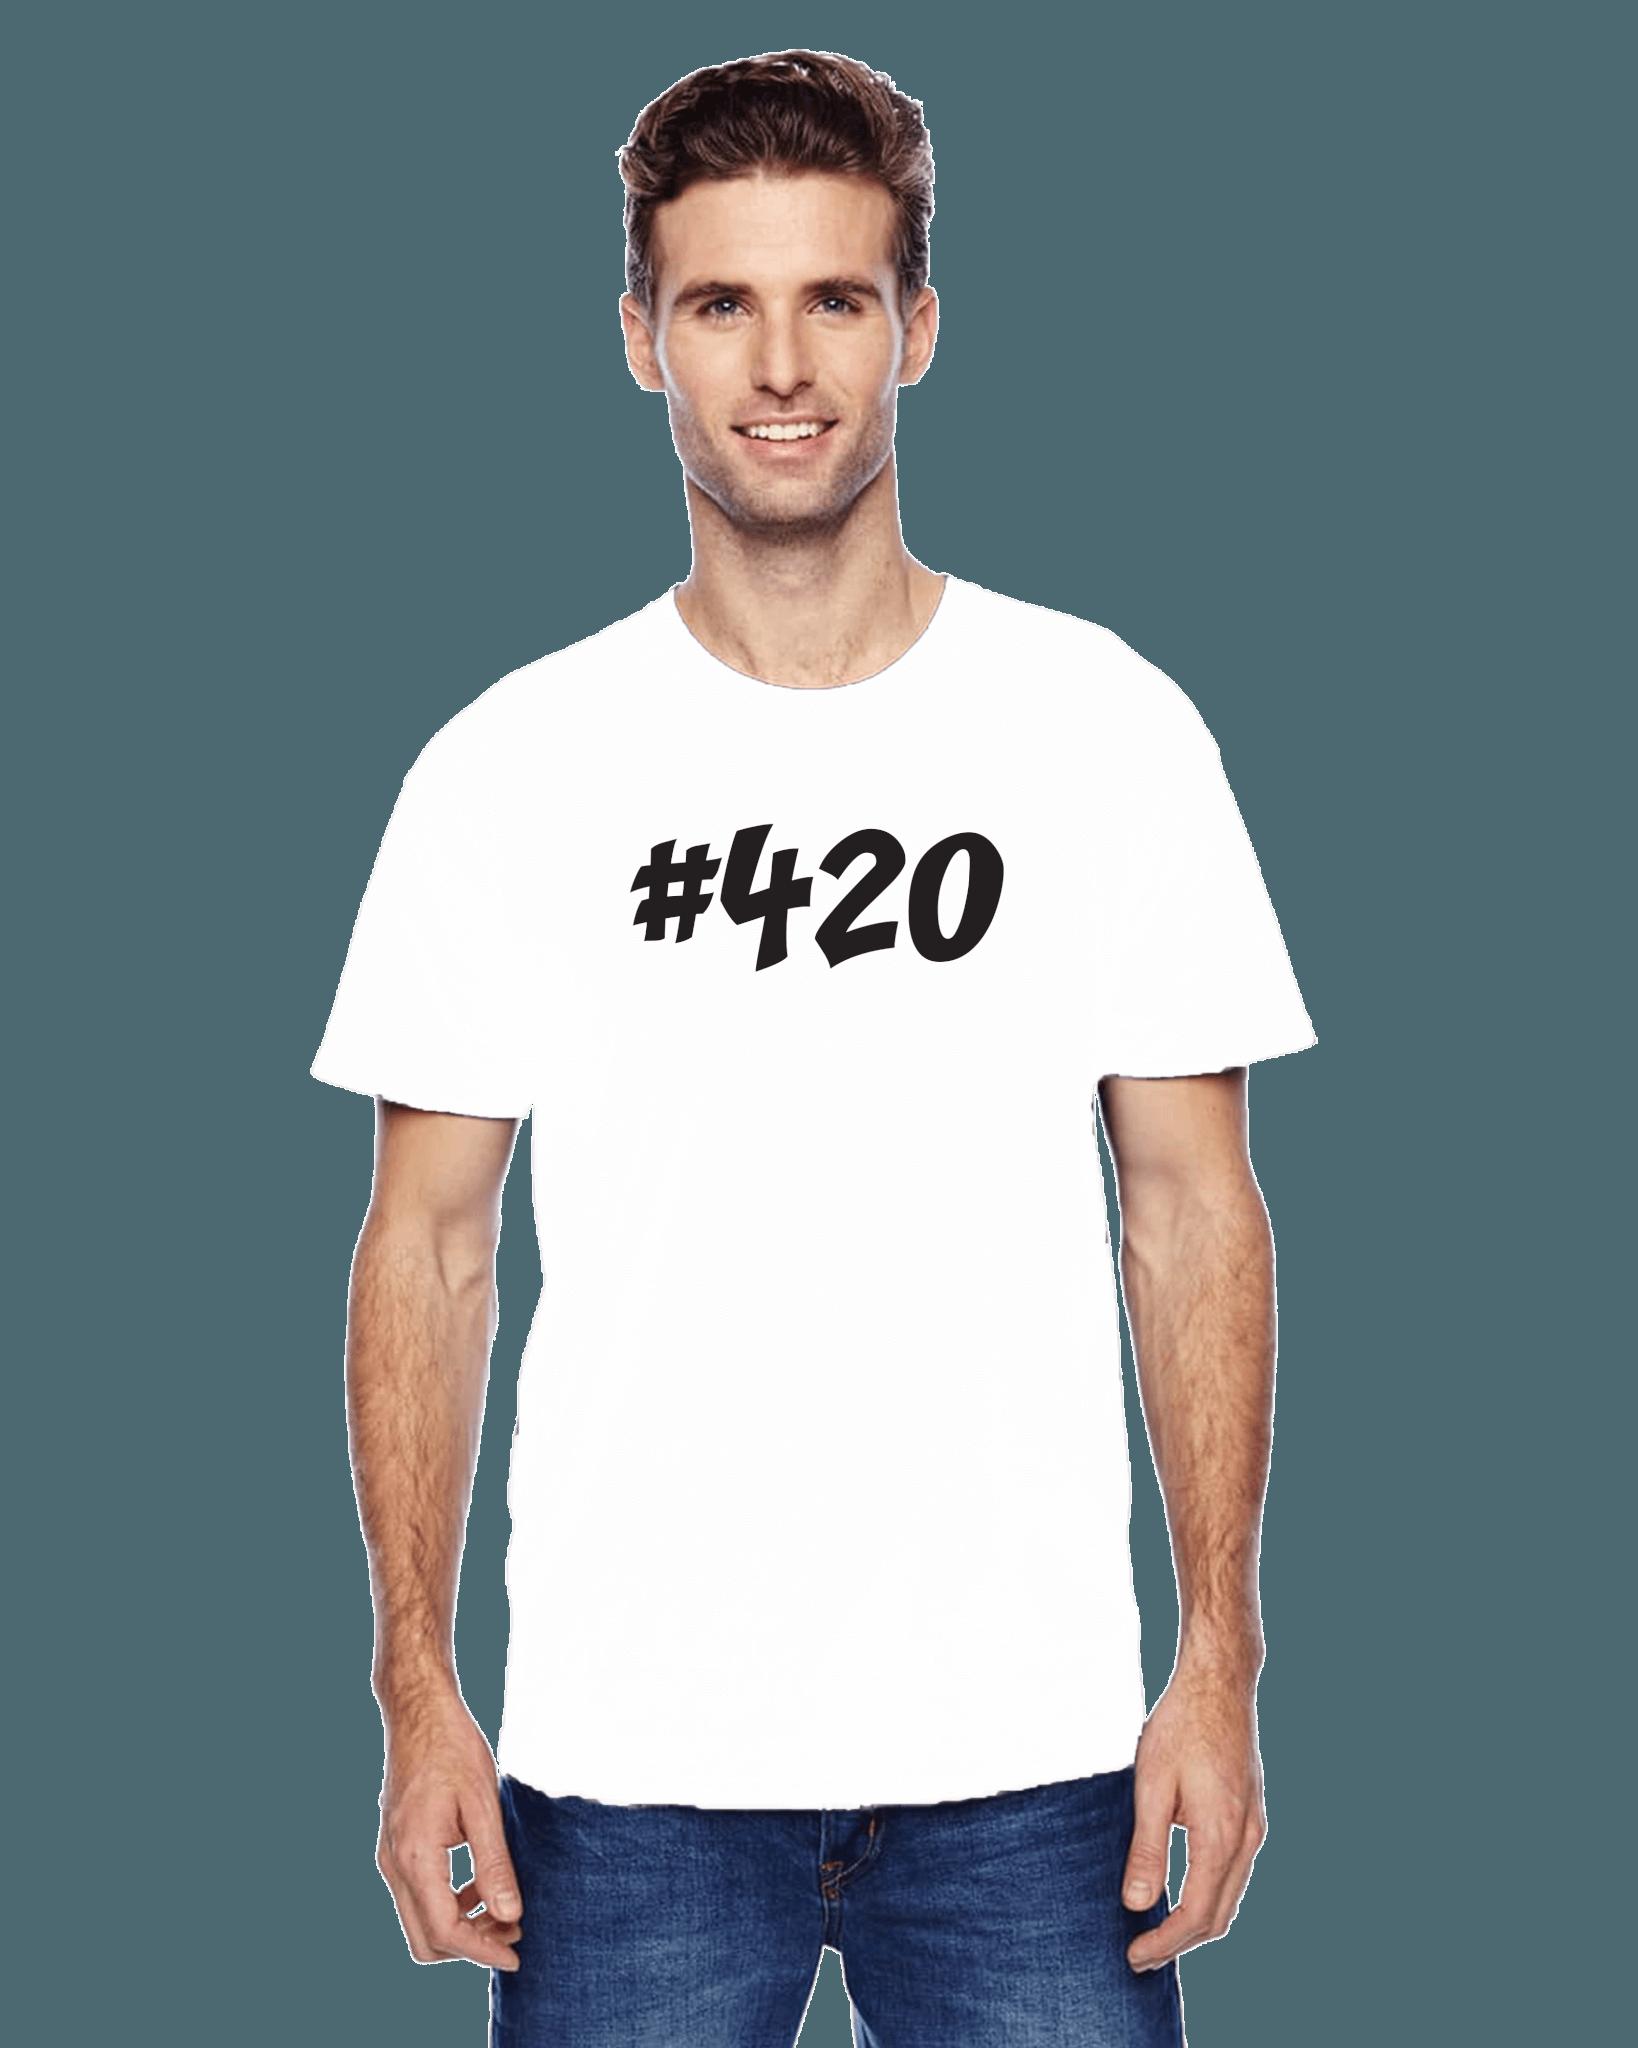 #420 420 tshirt white